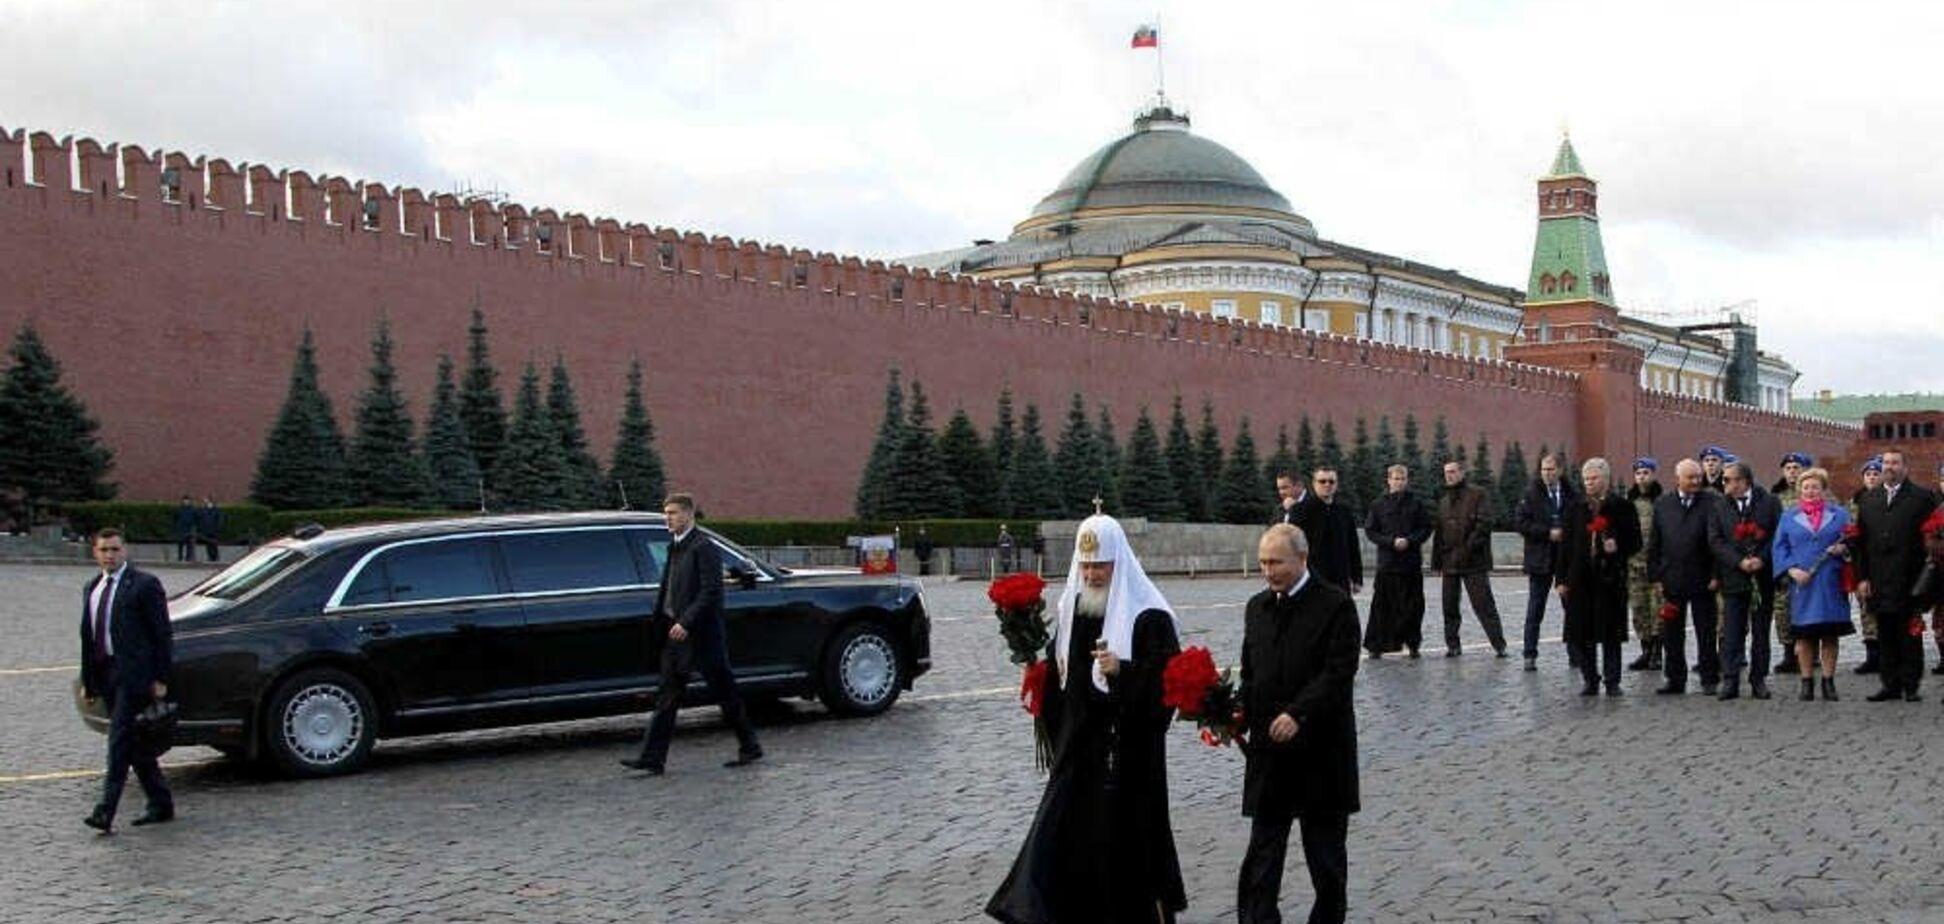 'Мужик в платье': в сети высмеяли нелепое фото Путина и Кирилла